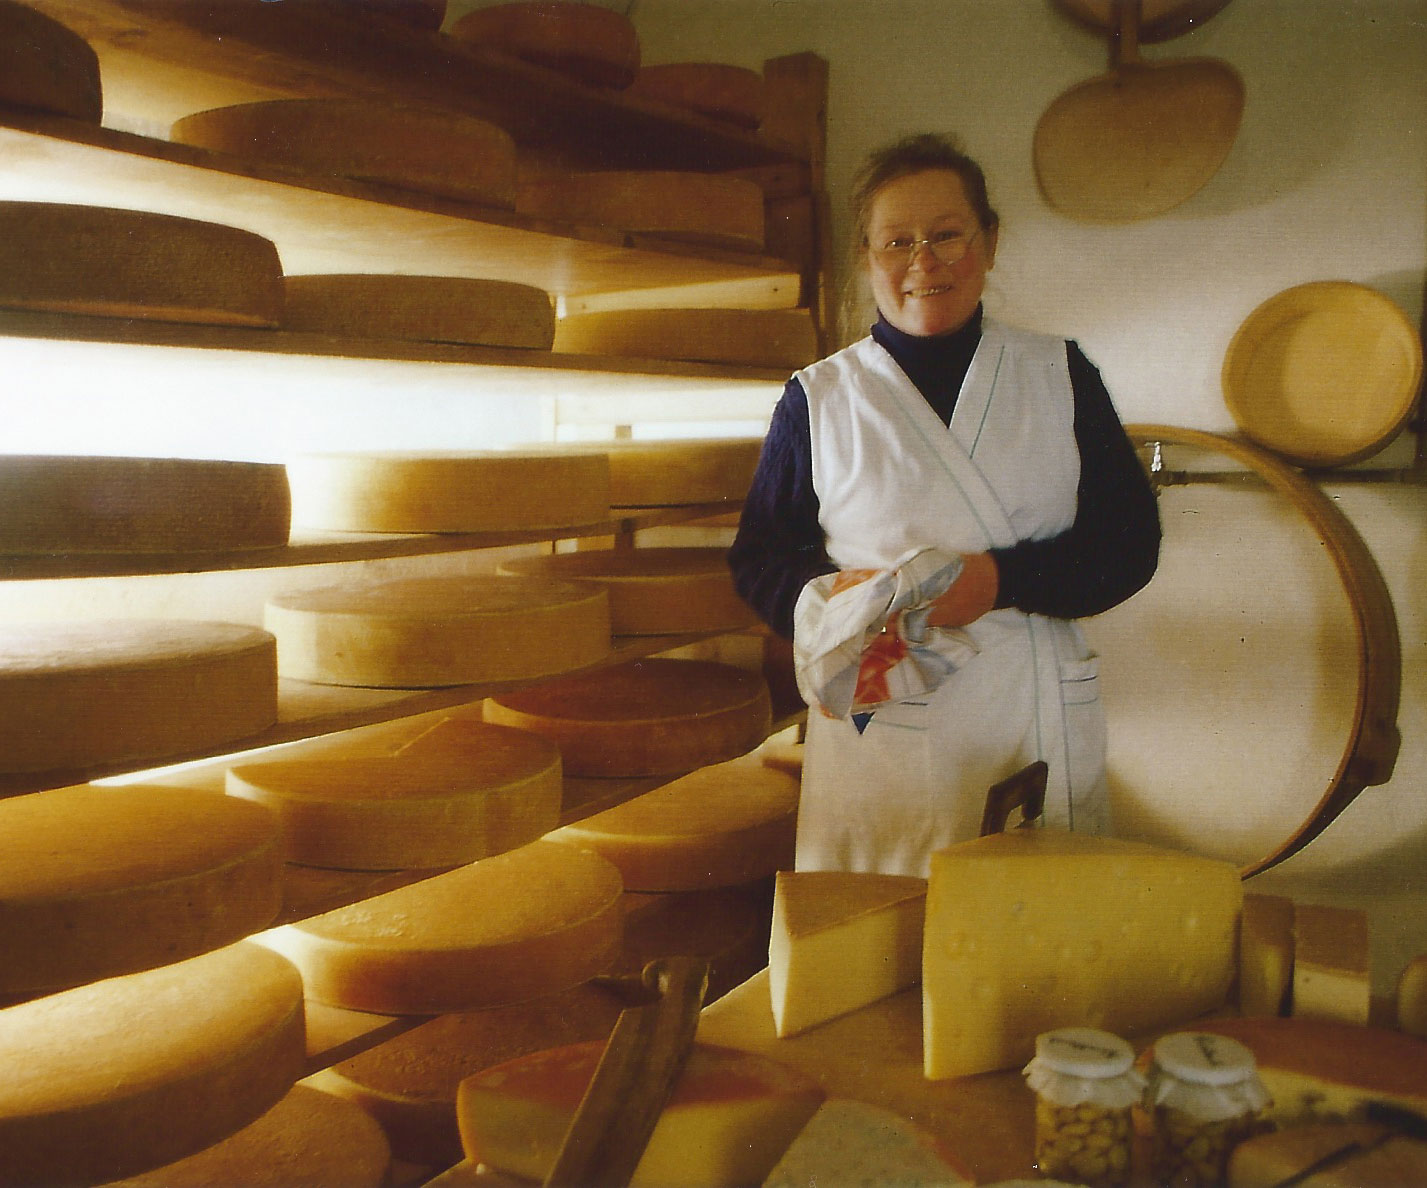 Maria steht mit einem großen Grinsen im Gesicht im Käsekeller, die Brille etwas runter auf die Nase gerutscht, wie man sie kennt.Hinter ihr stapeln sich die Käselaibe im Regal. Vor ihr ein riesiges Stück Emmentaler und verschiedene andere Käsesorten.